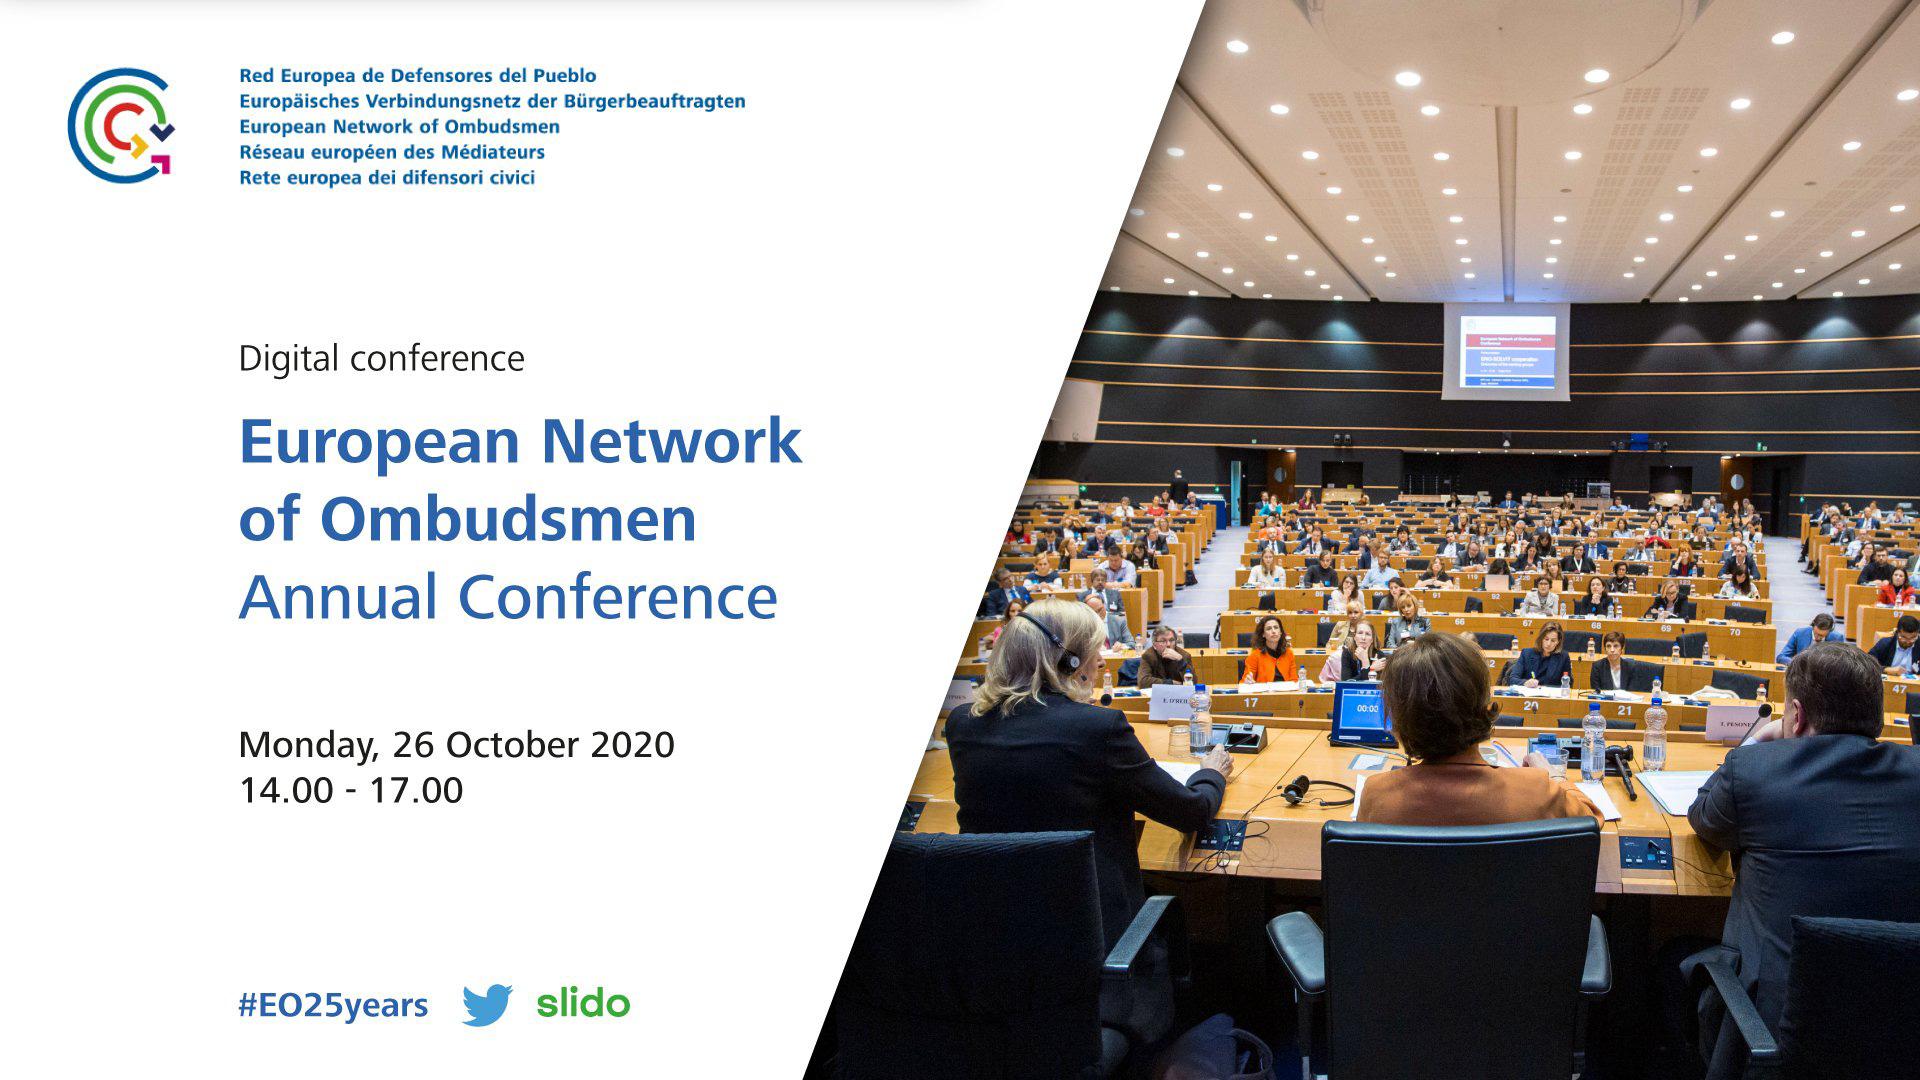 European Network of Ombudsmen